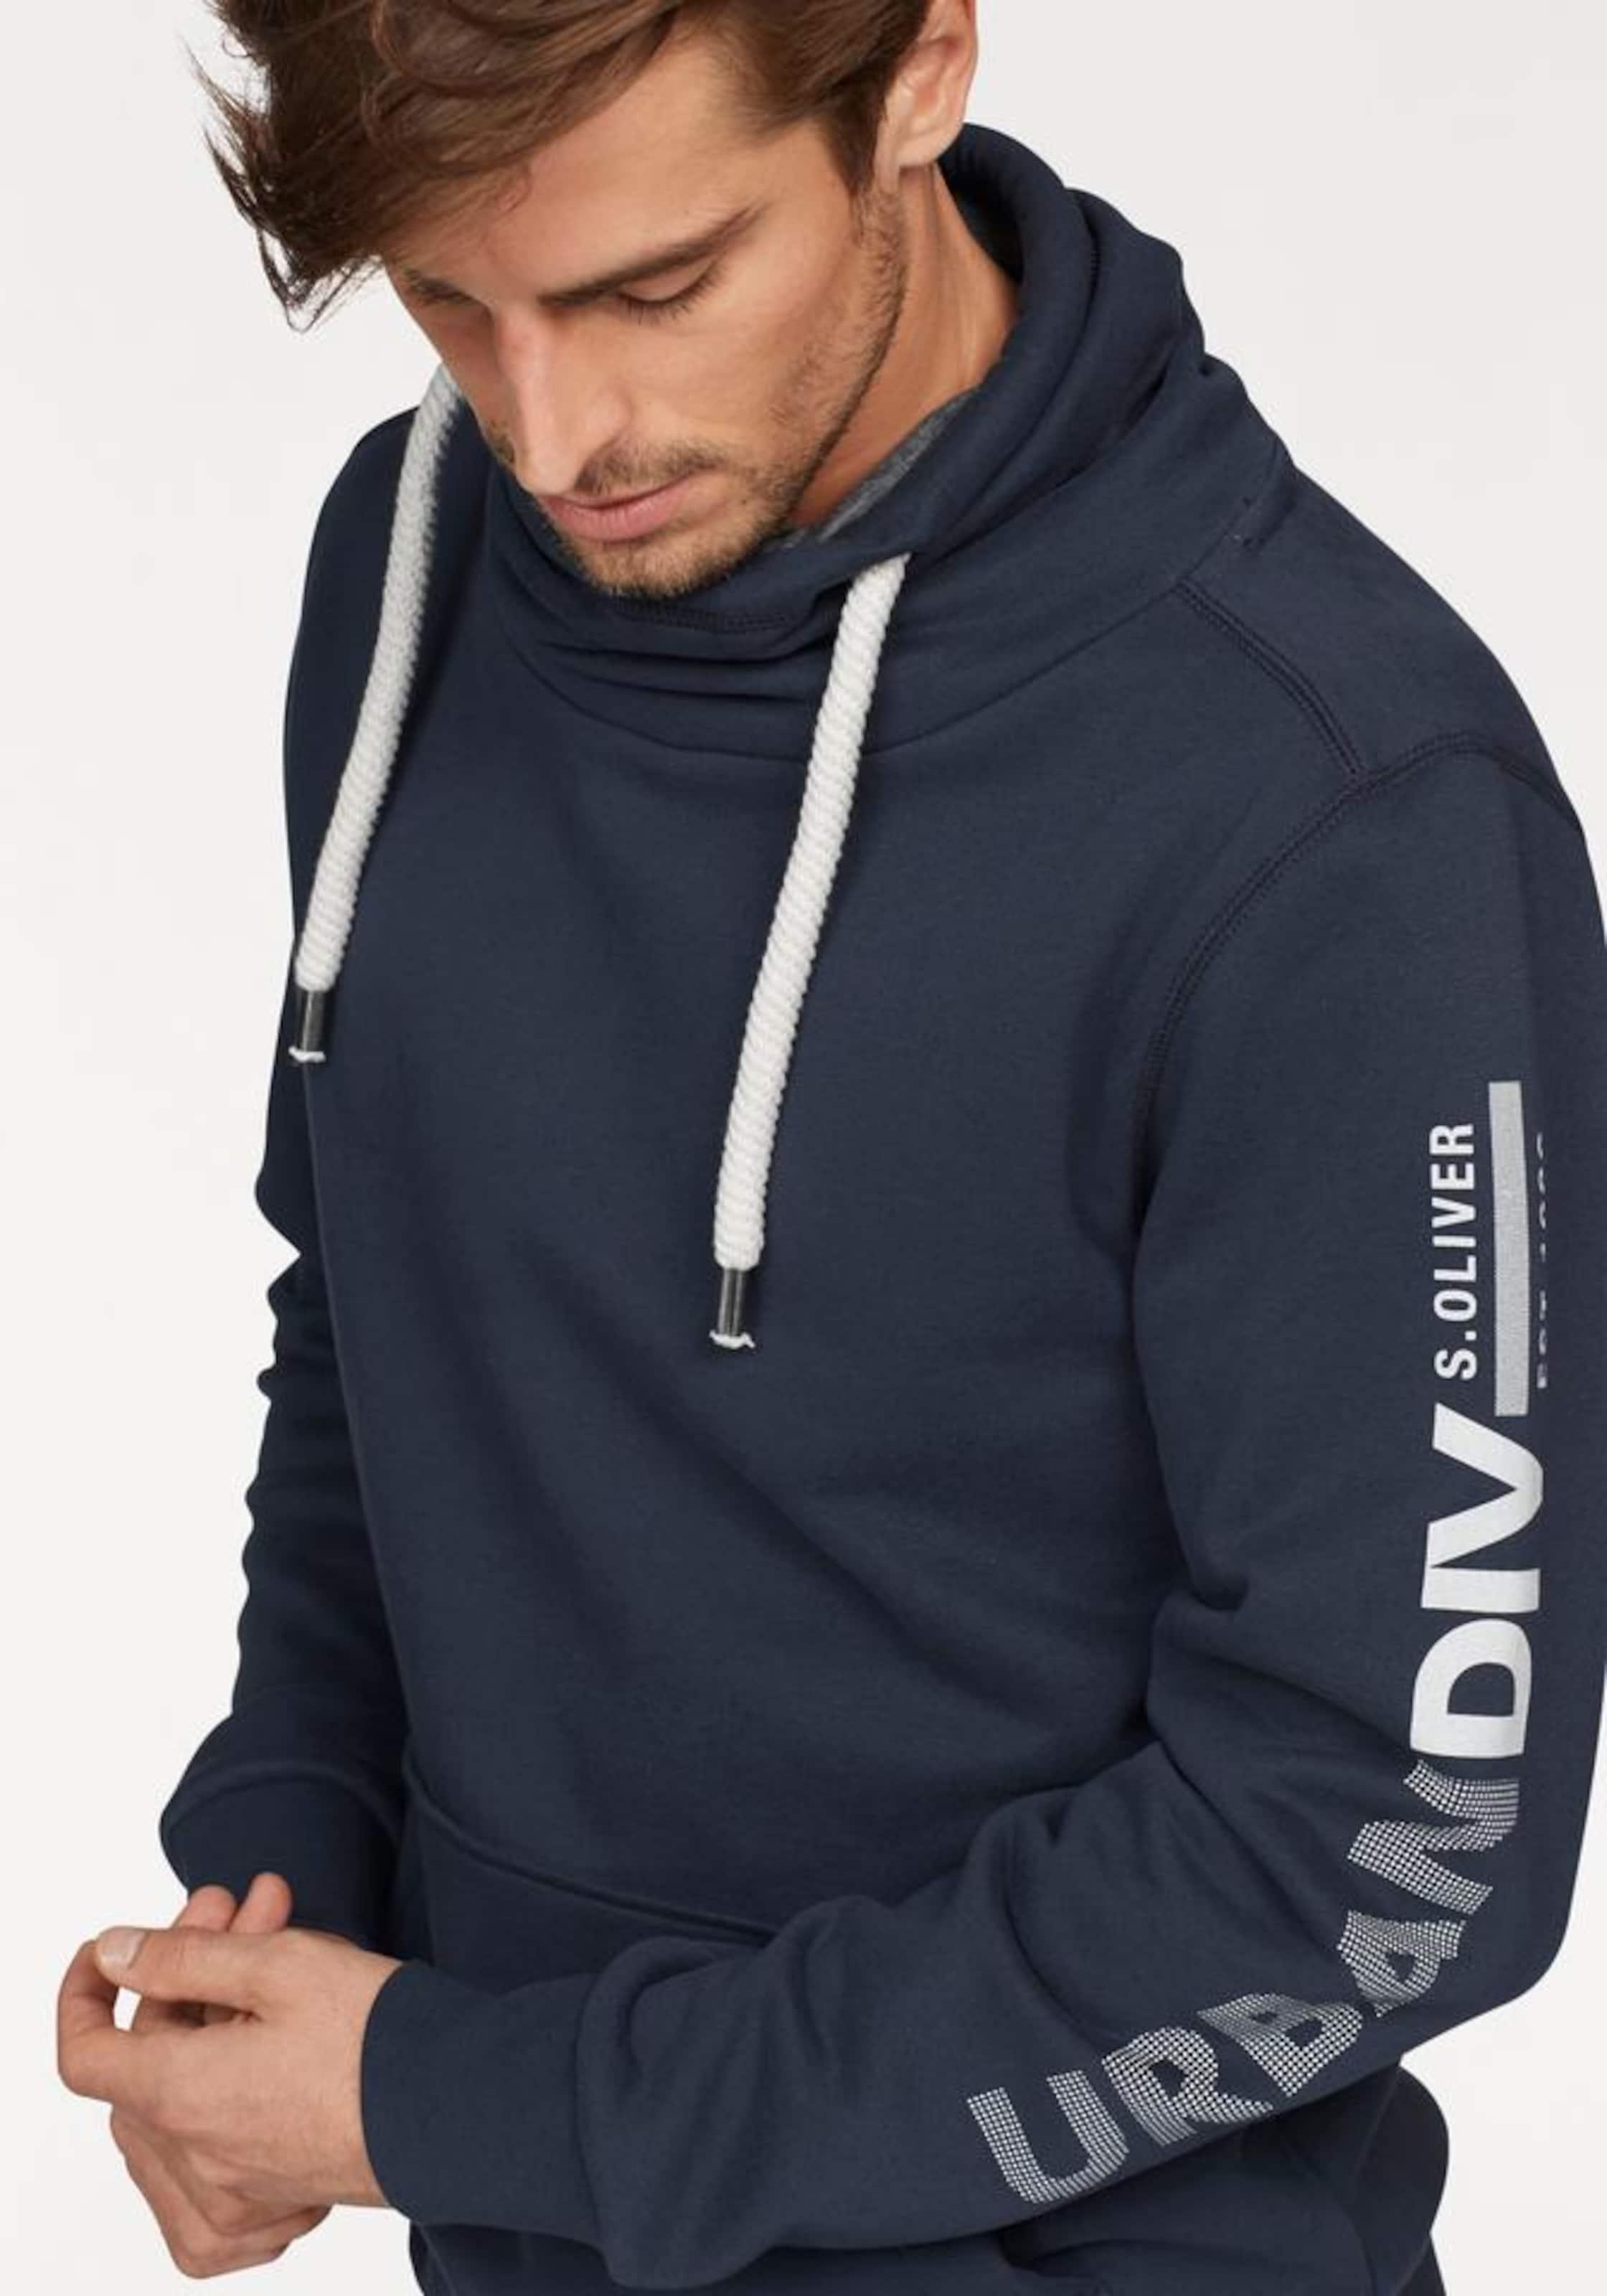 Rabatt Exklusiv Grau-Outlet-Store Online s.Oliver RED LABEL Sweatshirt Billig Authentisch Finden Große Günstig Kaufen Besten Verkauf 10W4nzGIc